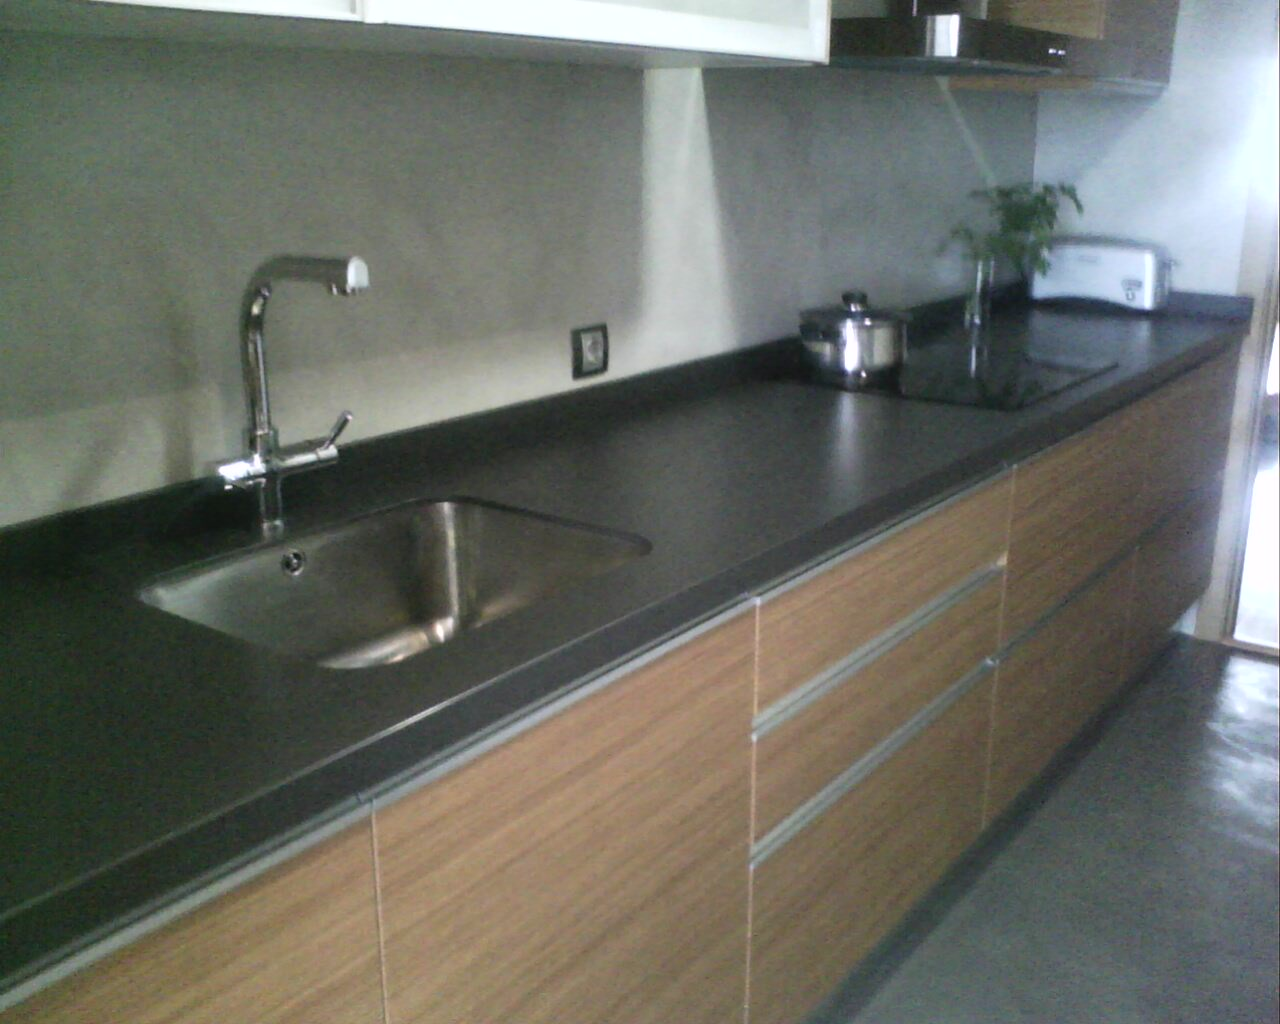 Encimeras de cocina cu les son y c mo conservarlas for Mejor material para encimeras de cocina